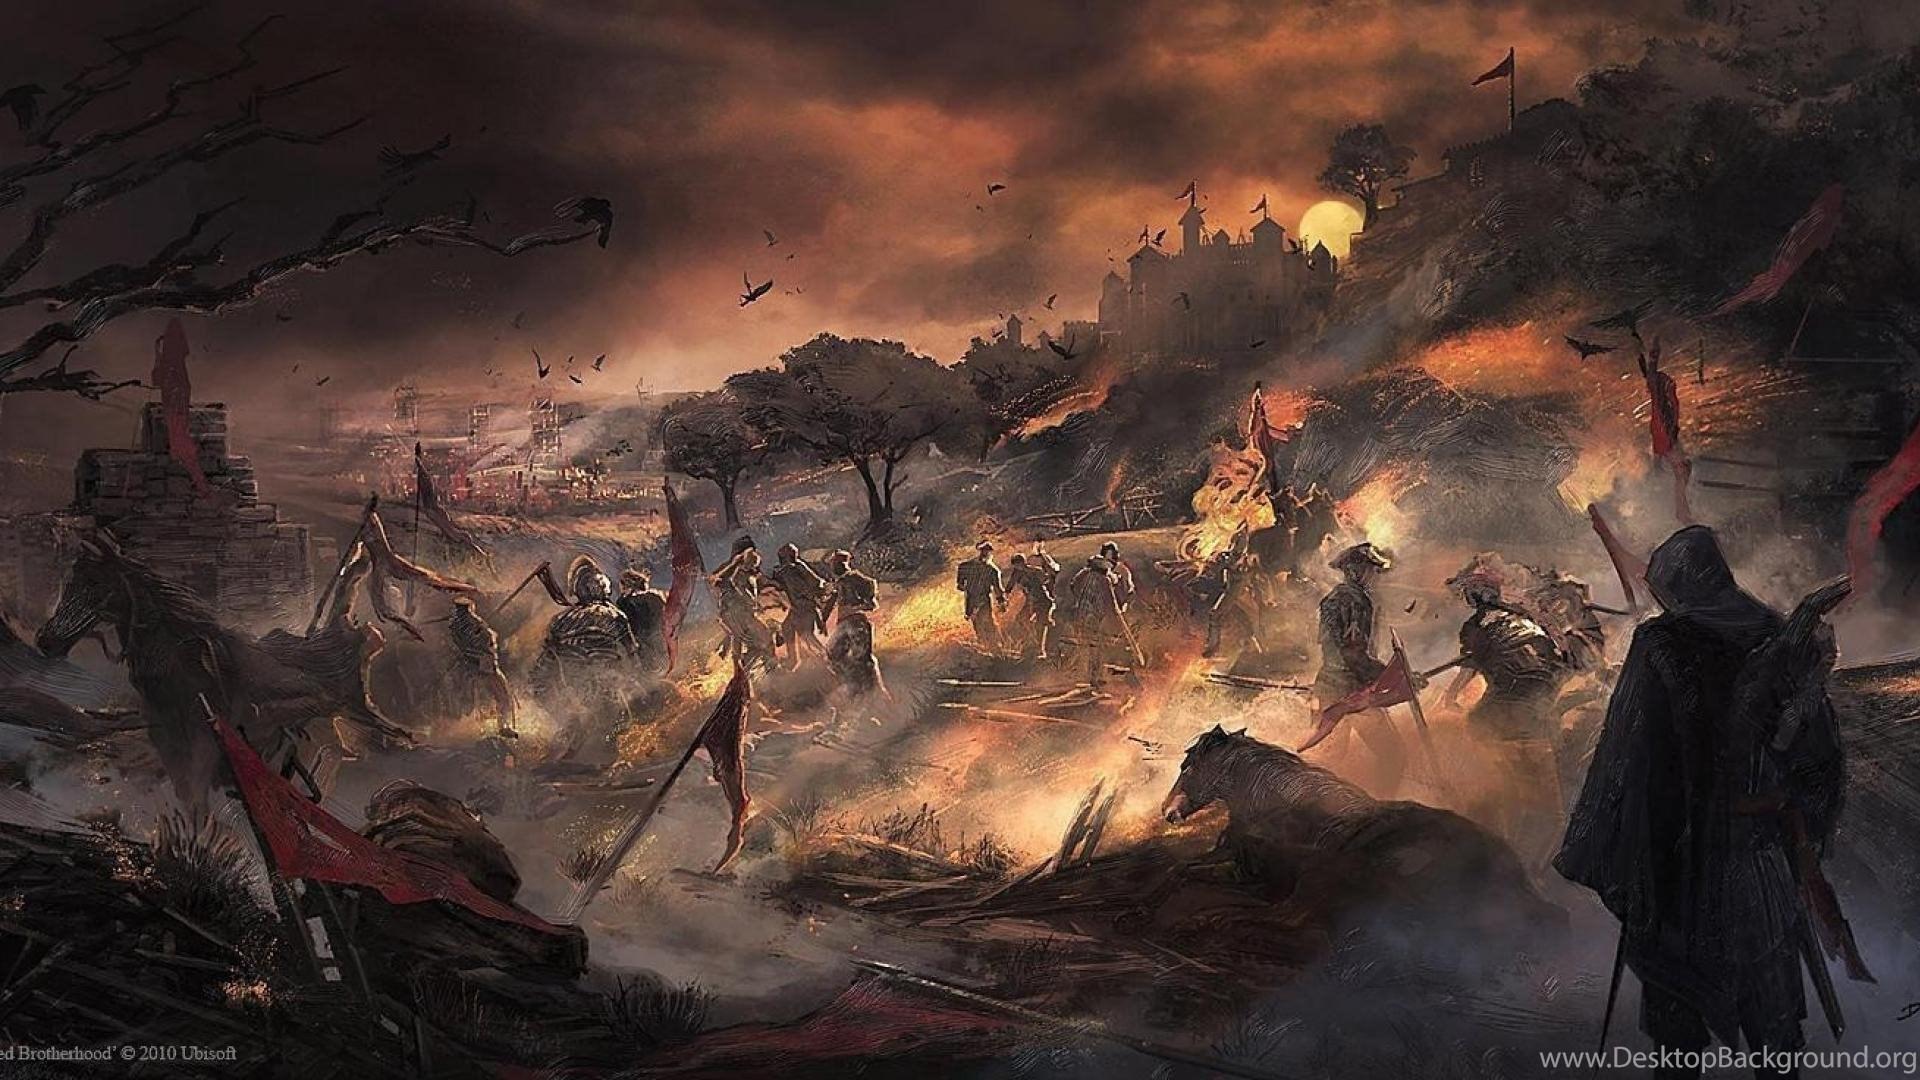 Concept Art Assassins Creed 3 Wallpapers Desktop Background